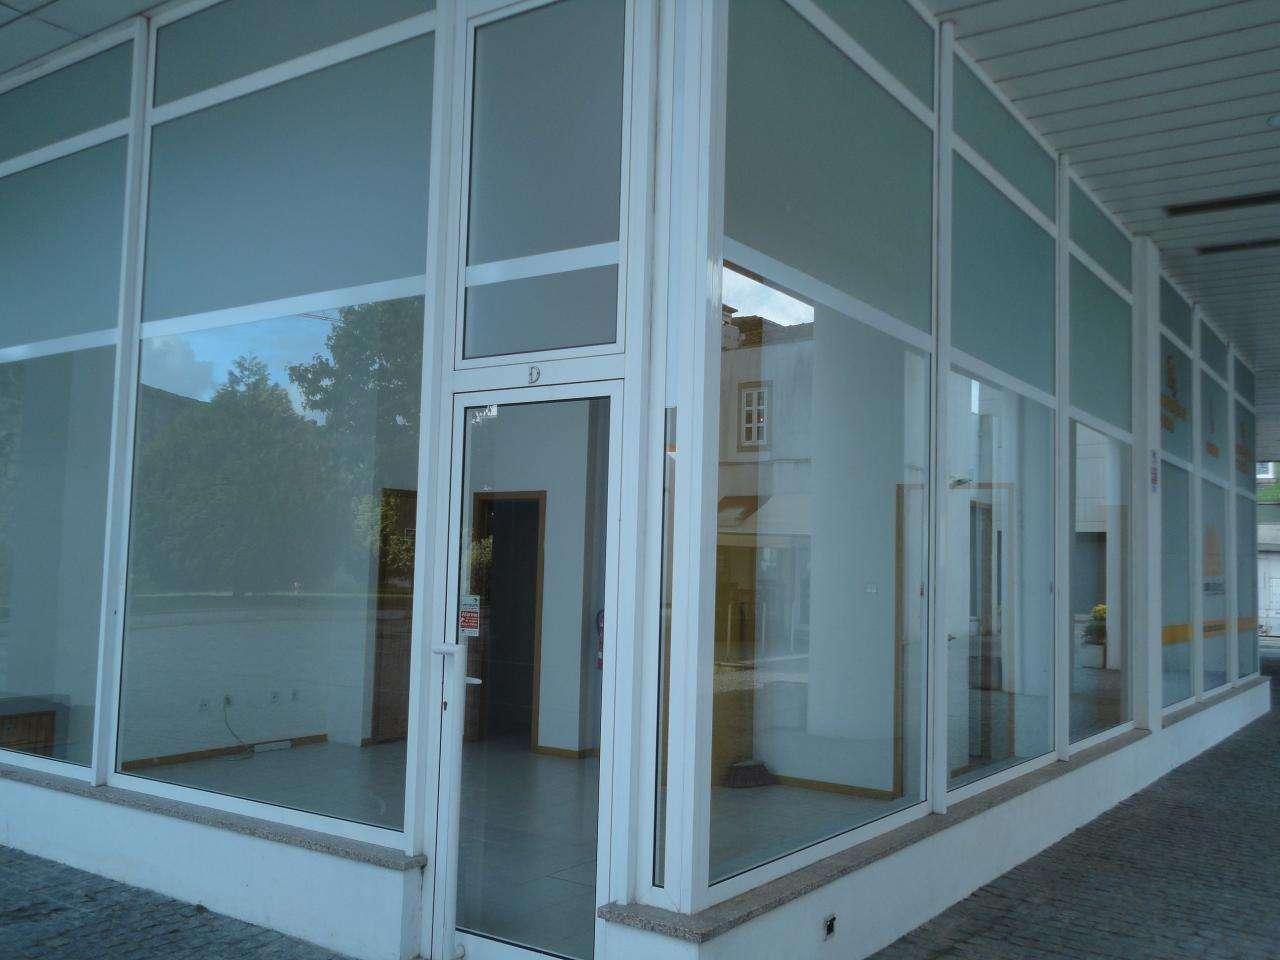 Loja para arrendar, Cedofeita, Santo Ildefonso, Sé, Miragaia, São Nicolau e Vitória, Porto - Foto 1